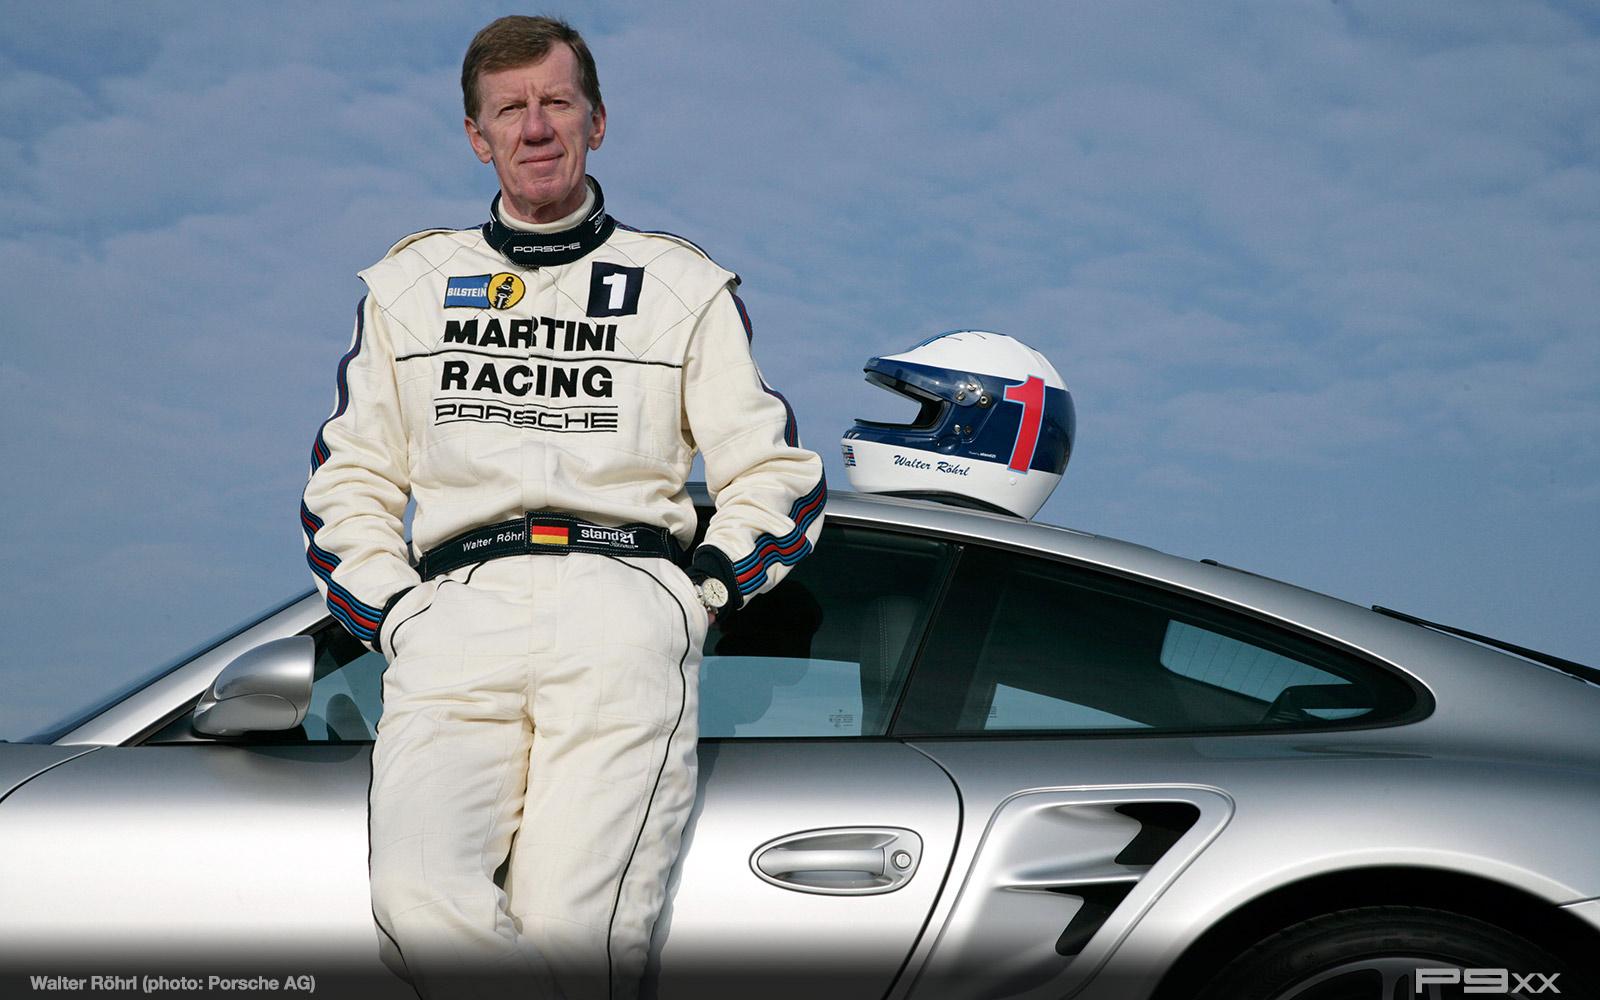 Walter-Rohrl-and-Porsche-617